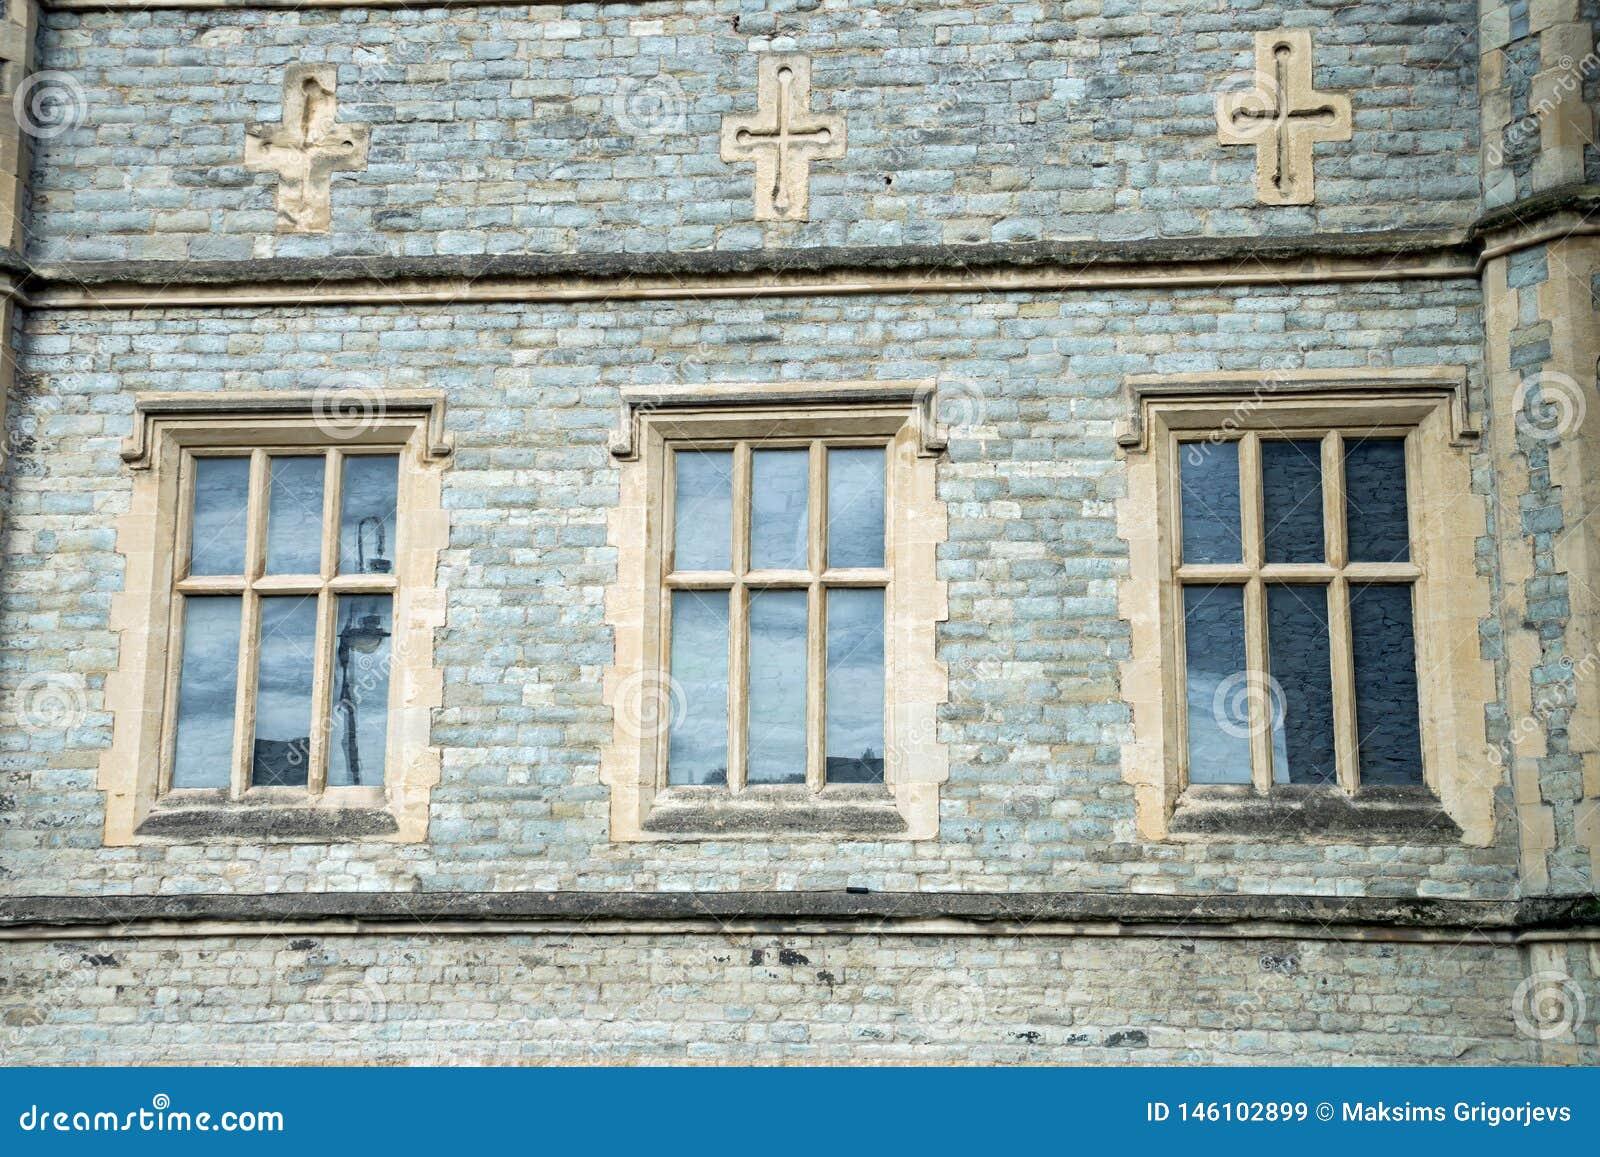 Vieille architecture anglaise traditionnelle, trois fenêtres et croix ci-dessus